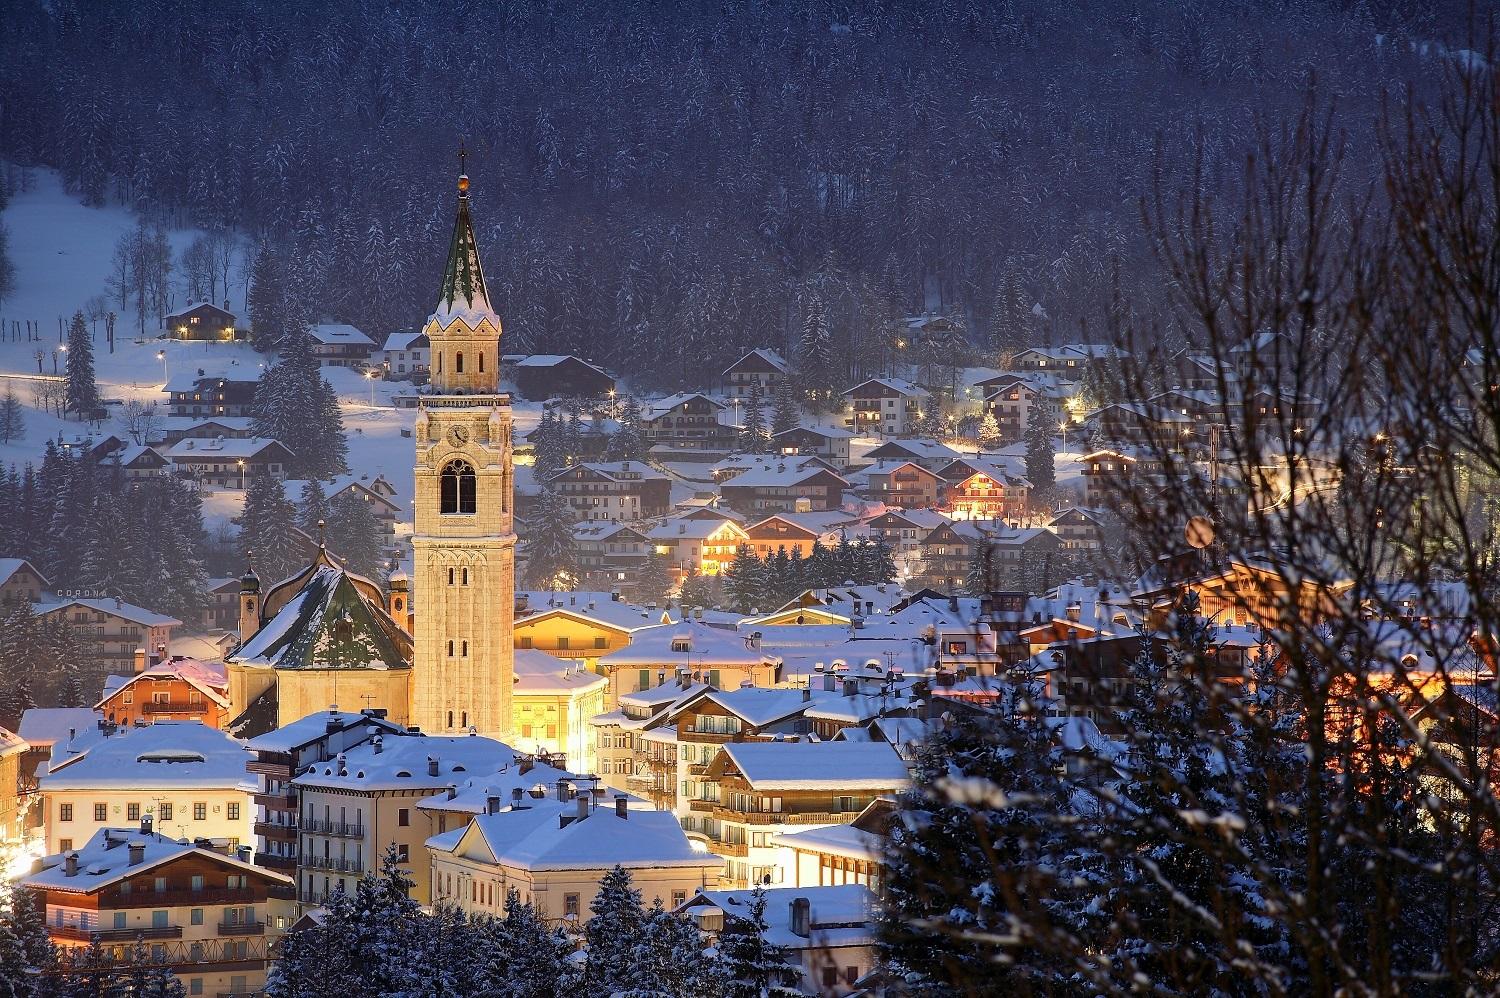 Cortina, Italy